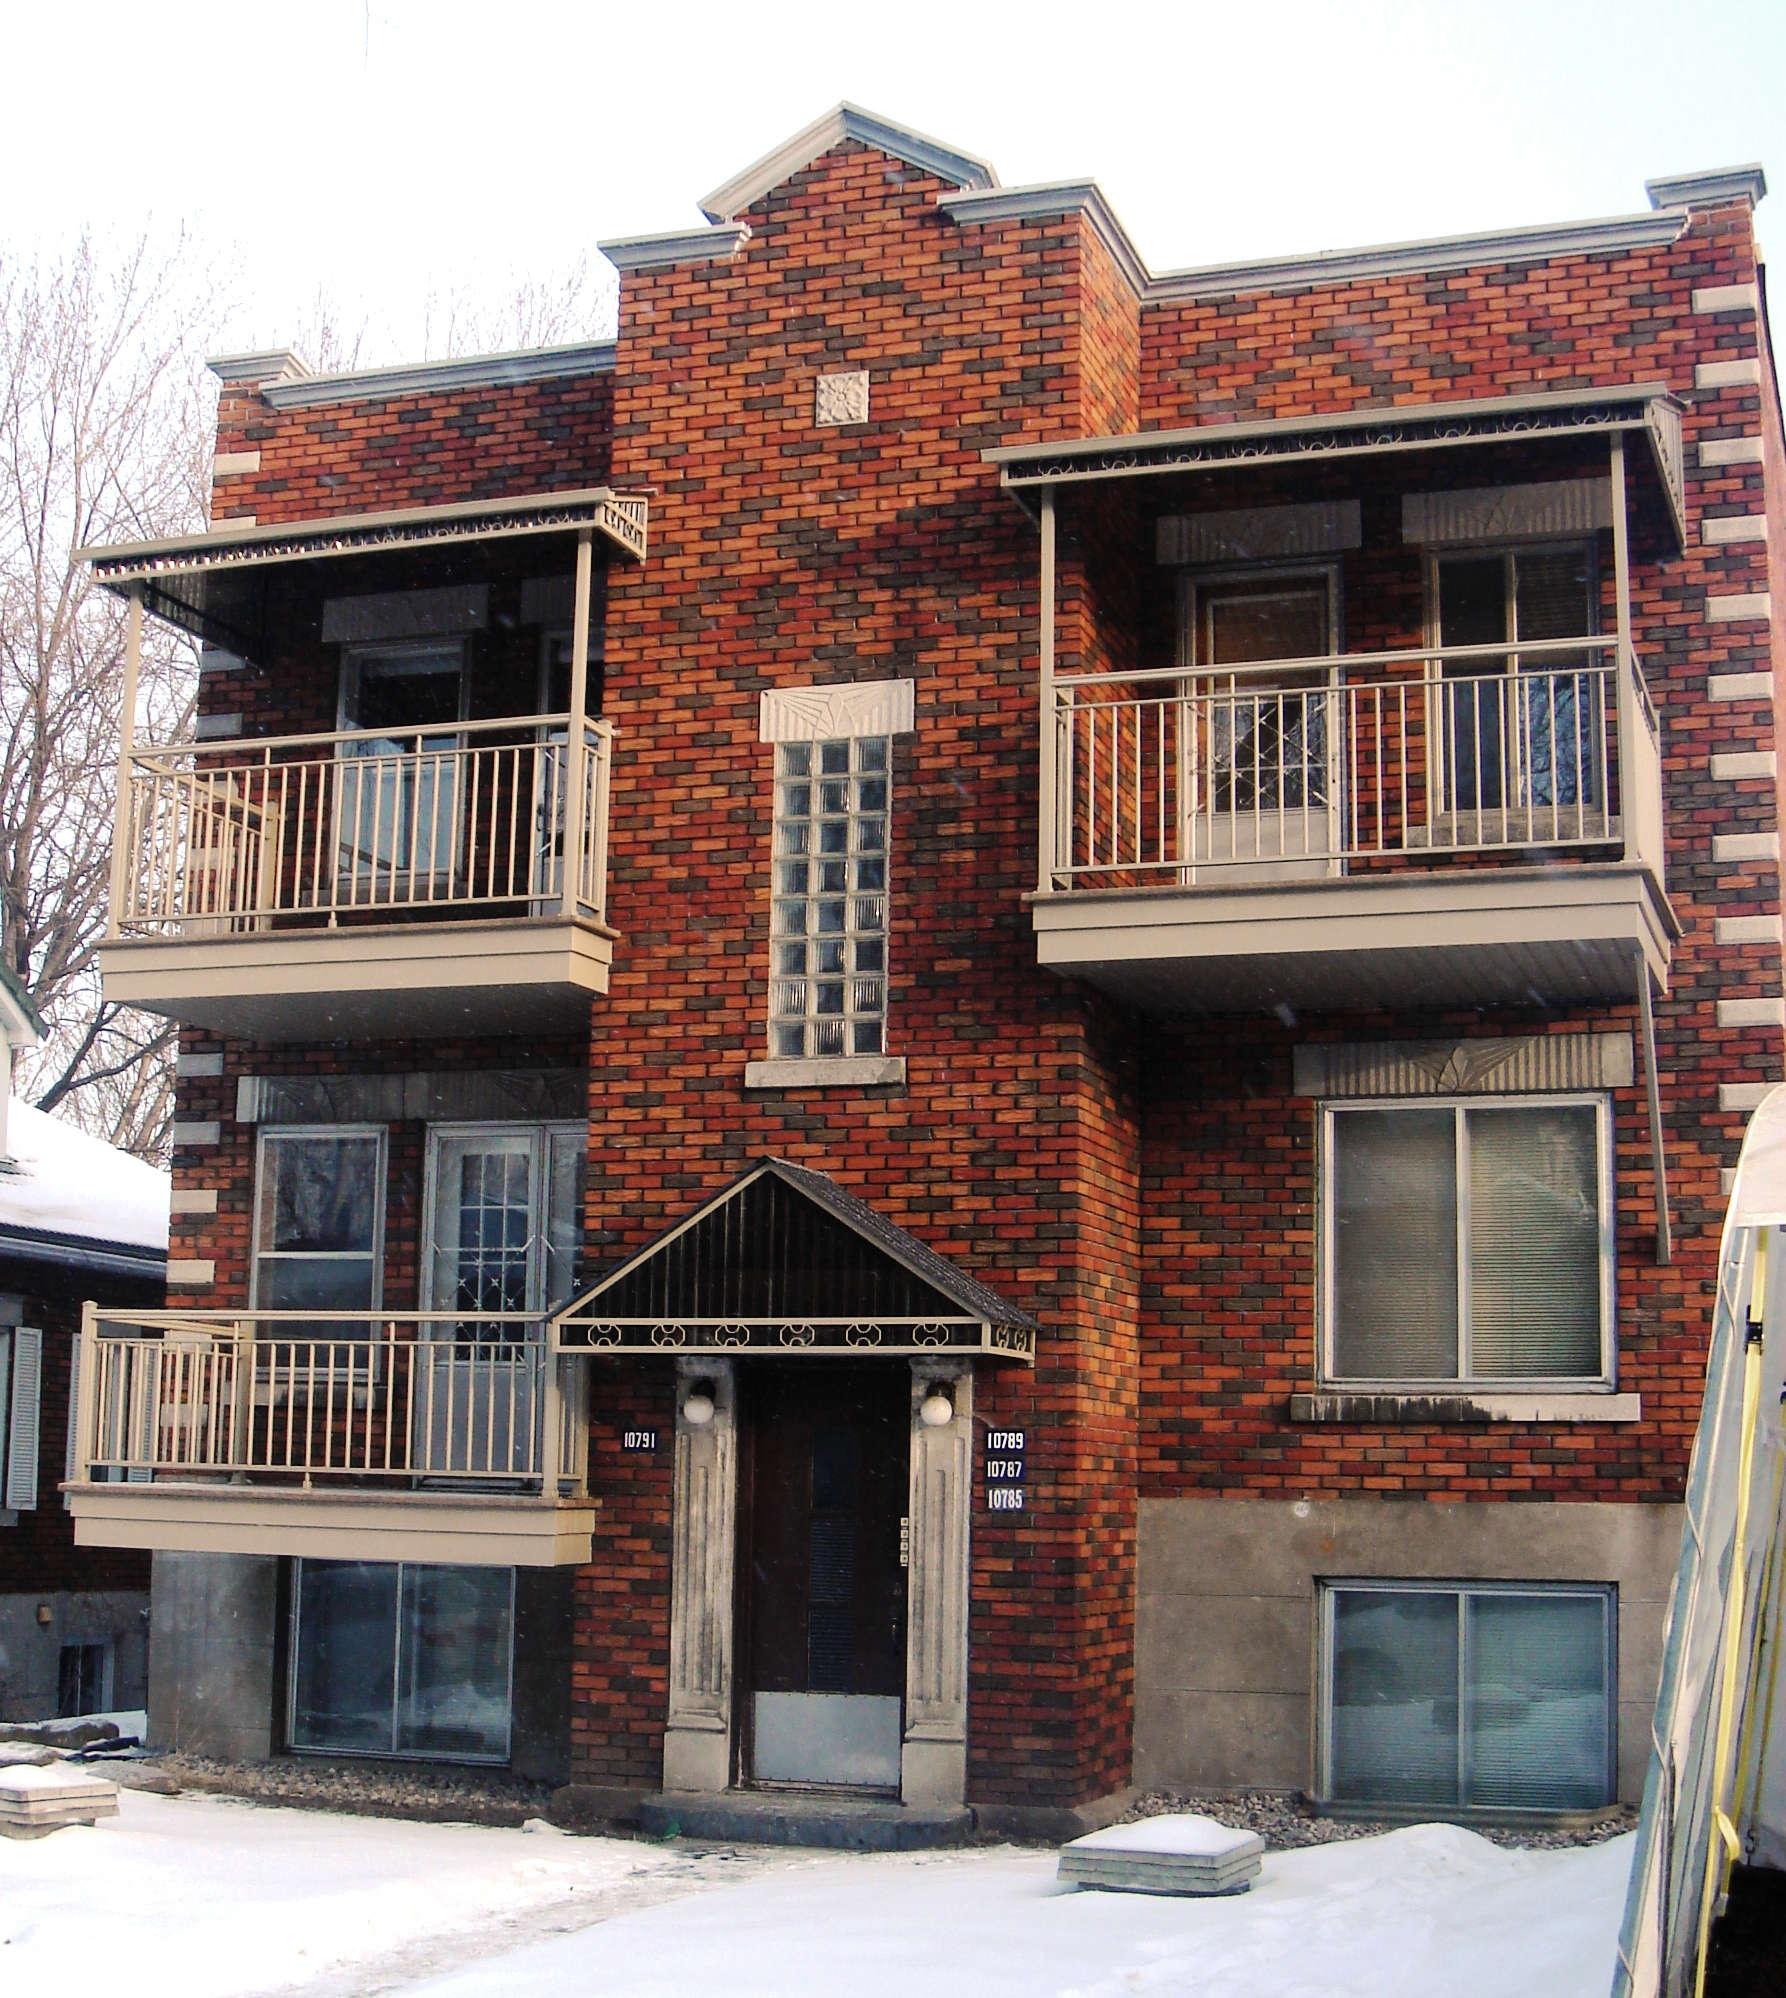 Balcon Et Structure En Acier Sublimant Votre Extérieur: Balcons De Fibre De Verre Et De Balcons En